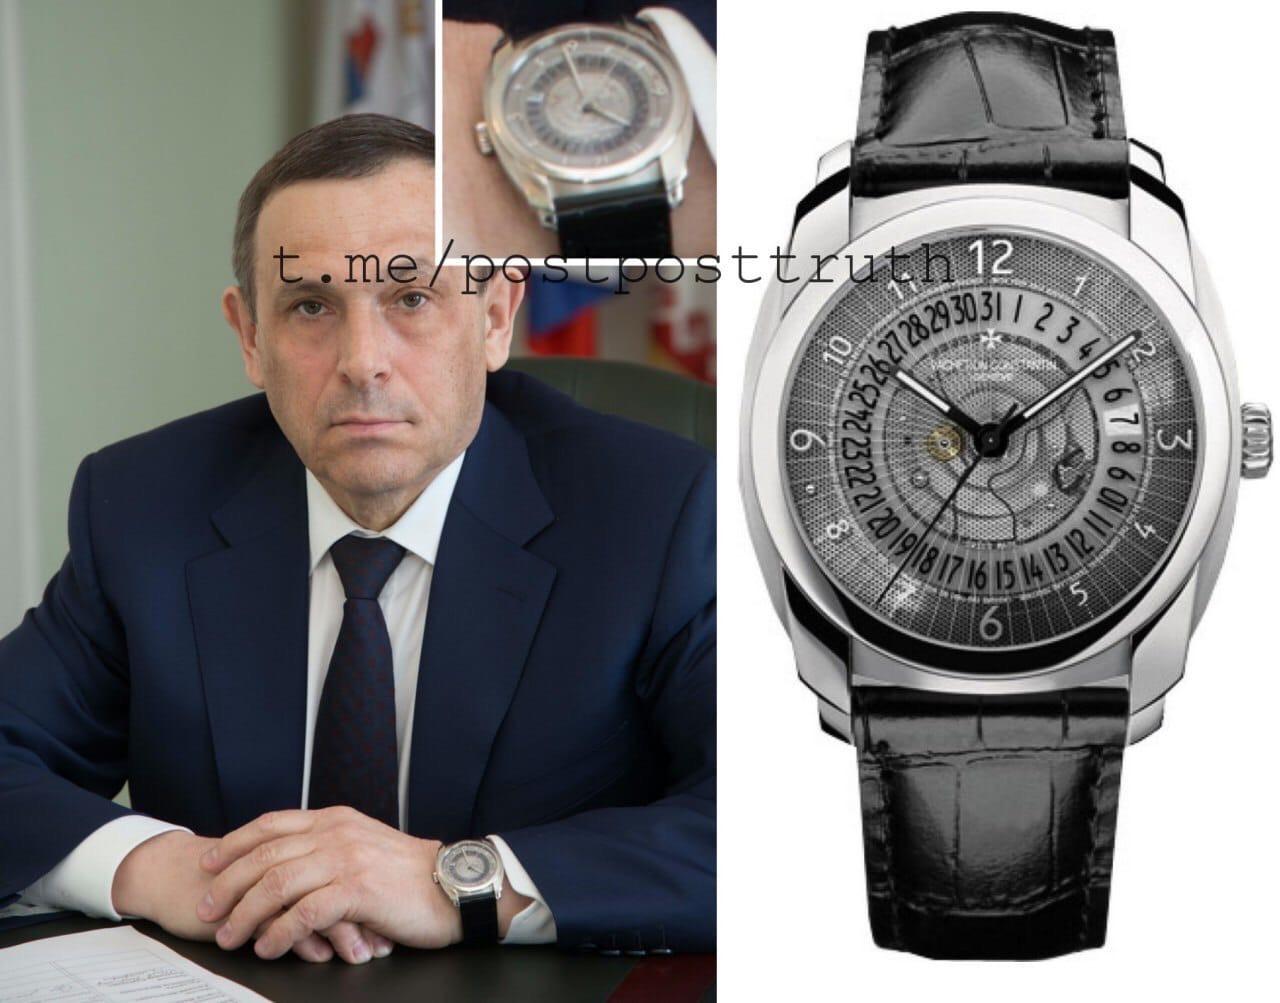 Рублей миллионов стоимостью часы 37 ломбард цюрихе часовой